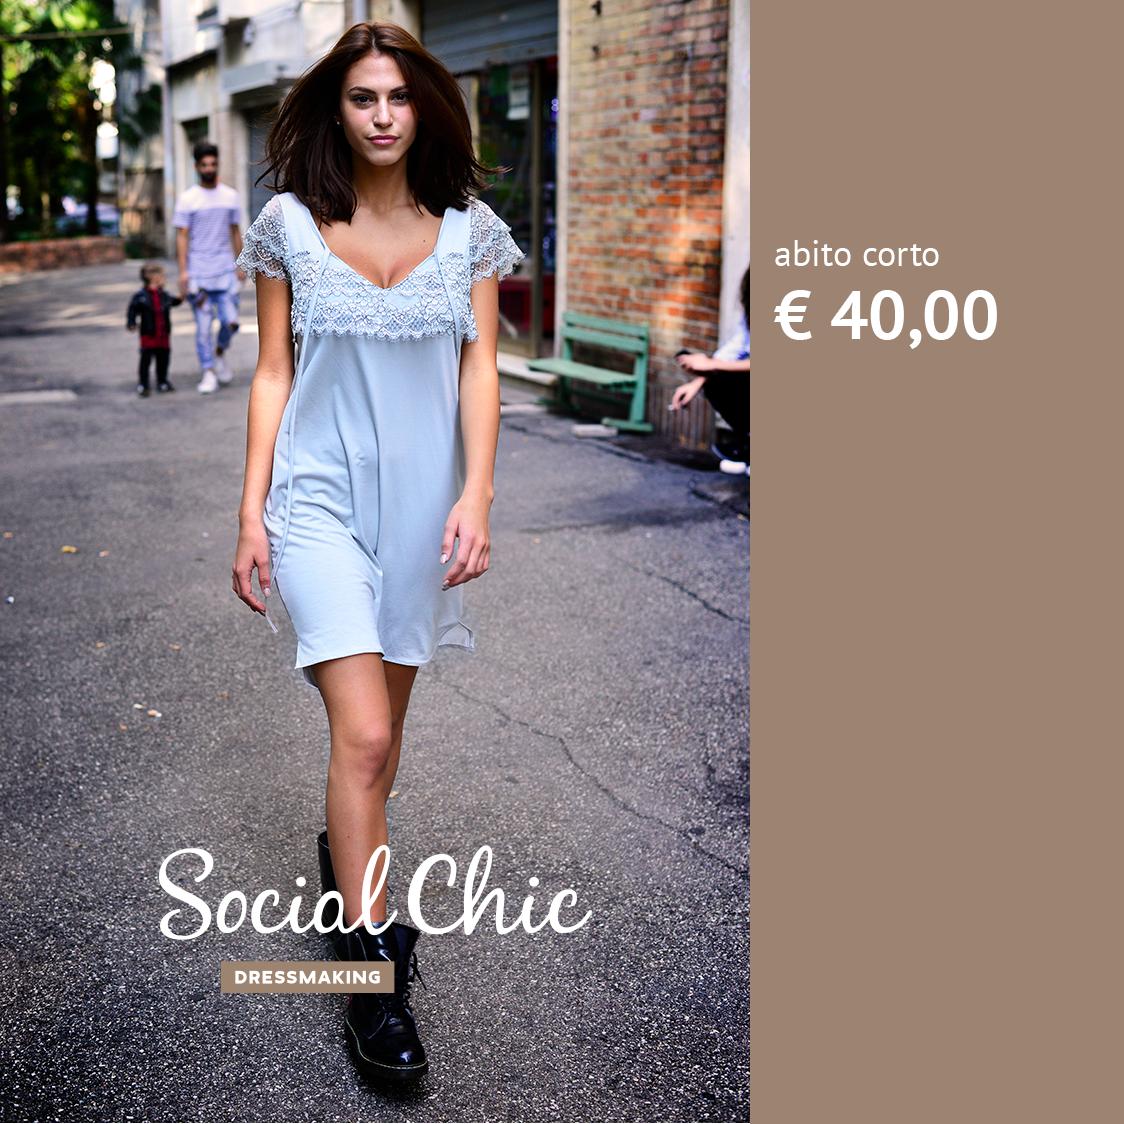 Social Chic post sponsorizzato Facebook Studio Talpa